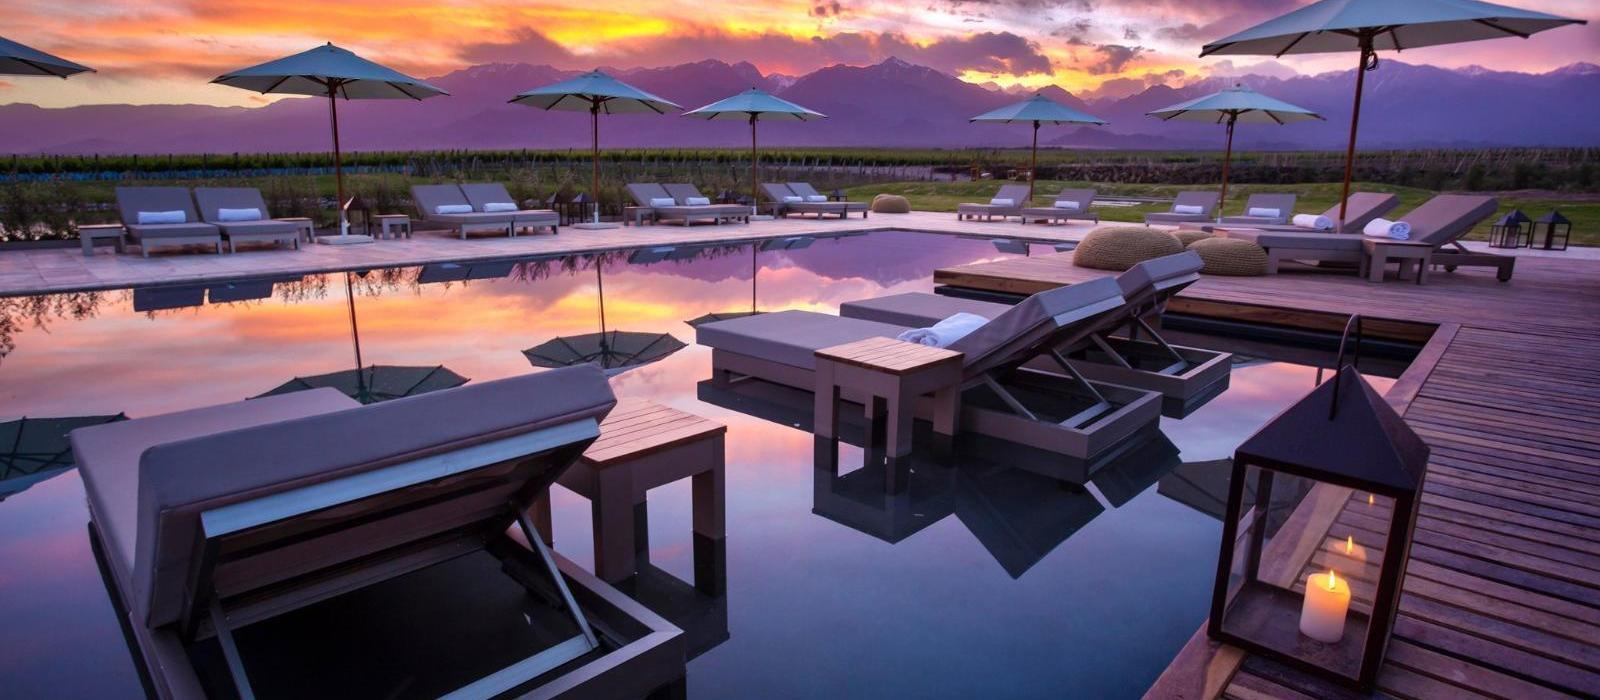 葡藤水疗度假酒店(The Vines Resort & Spa) 图片  www.lhw.cn